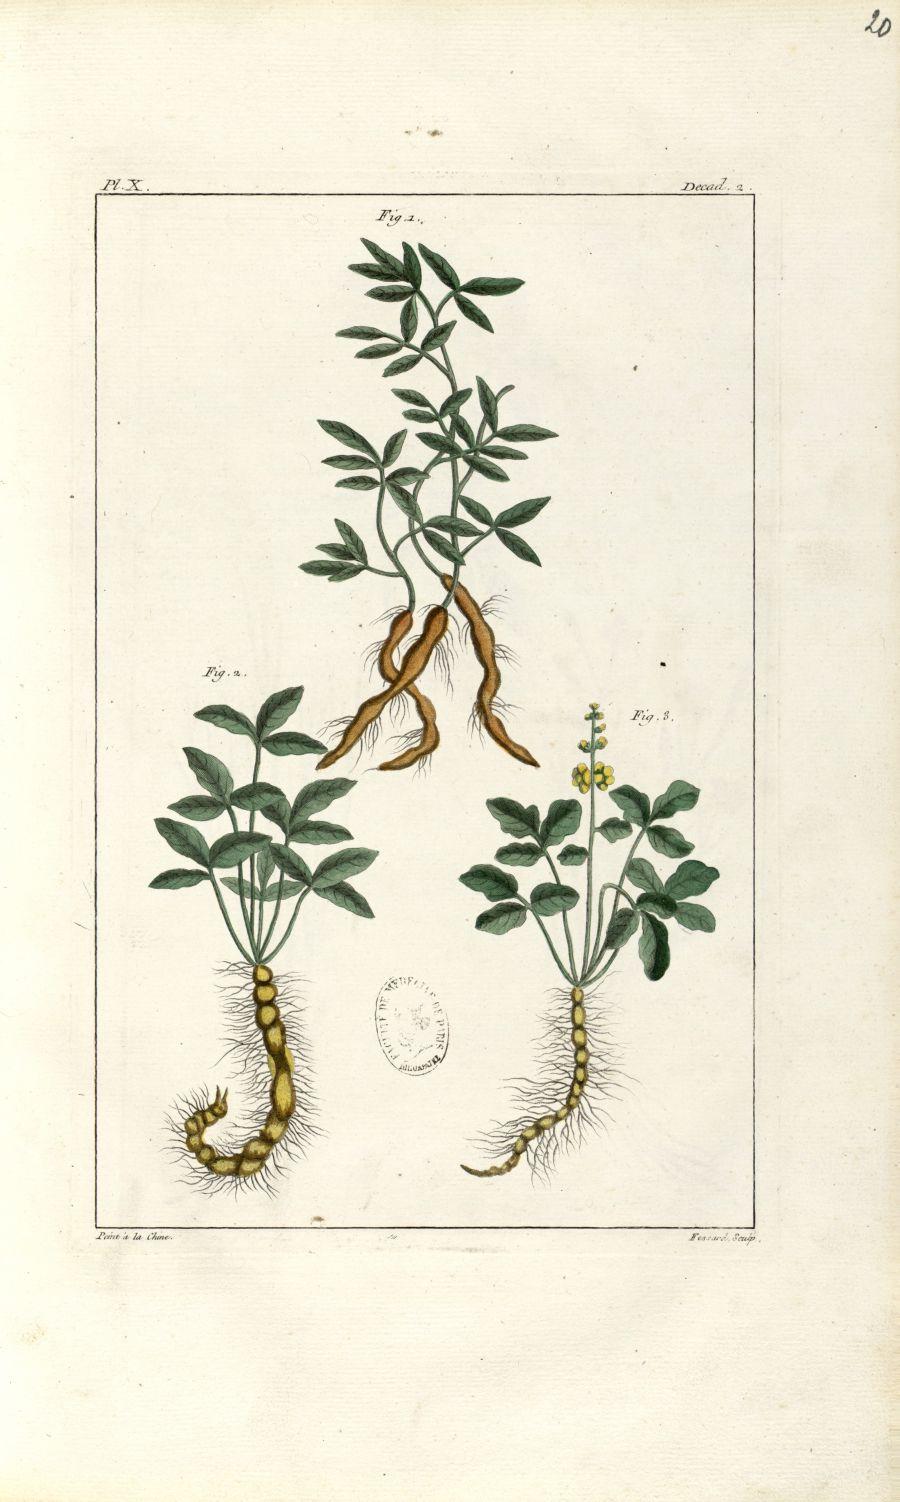 Planche X. Decad. 2 - Herbier ou collection des plantes médicinales de la Chine d'après un manuscrit [...] - Botanique. Plantes (médecine). Chine. 18e siècle - med01989x0023